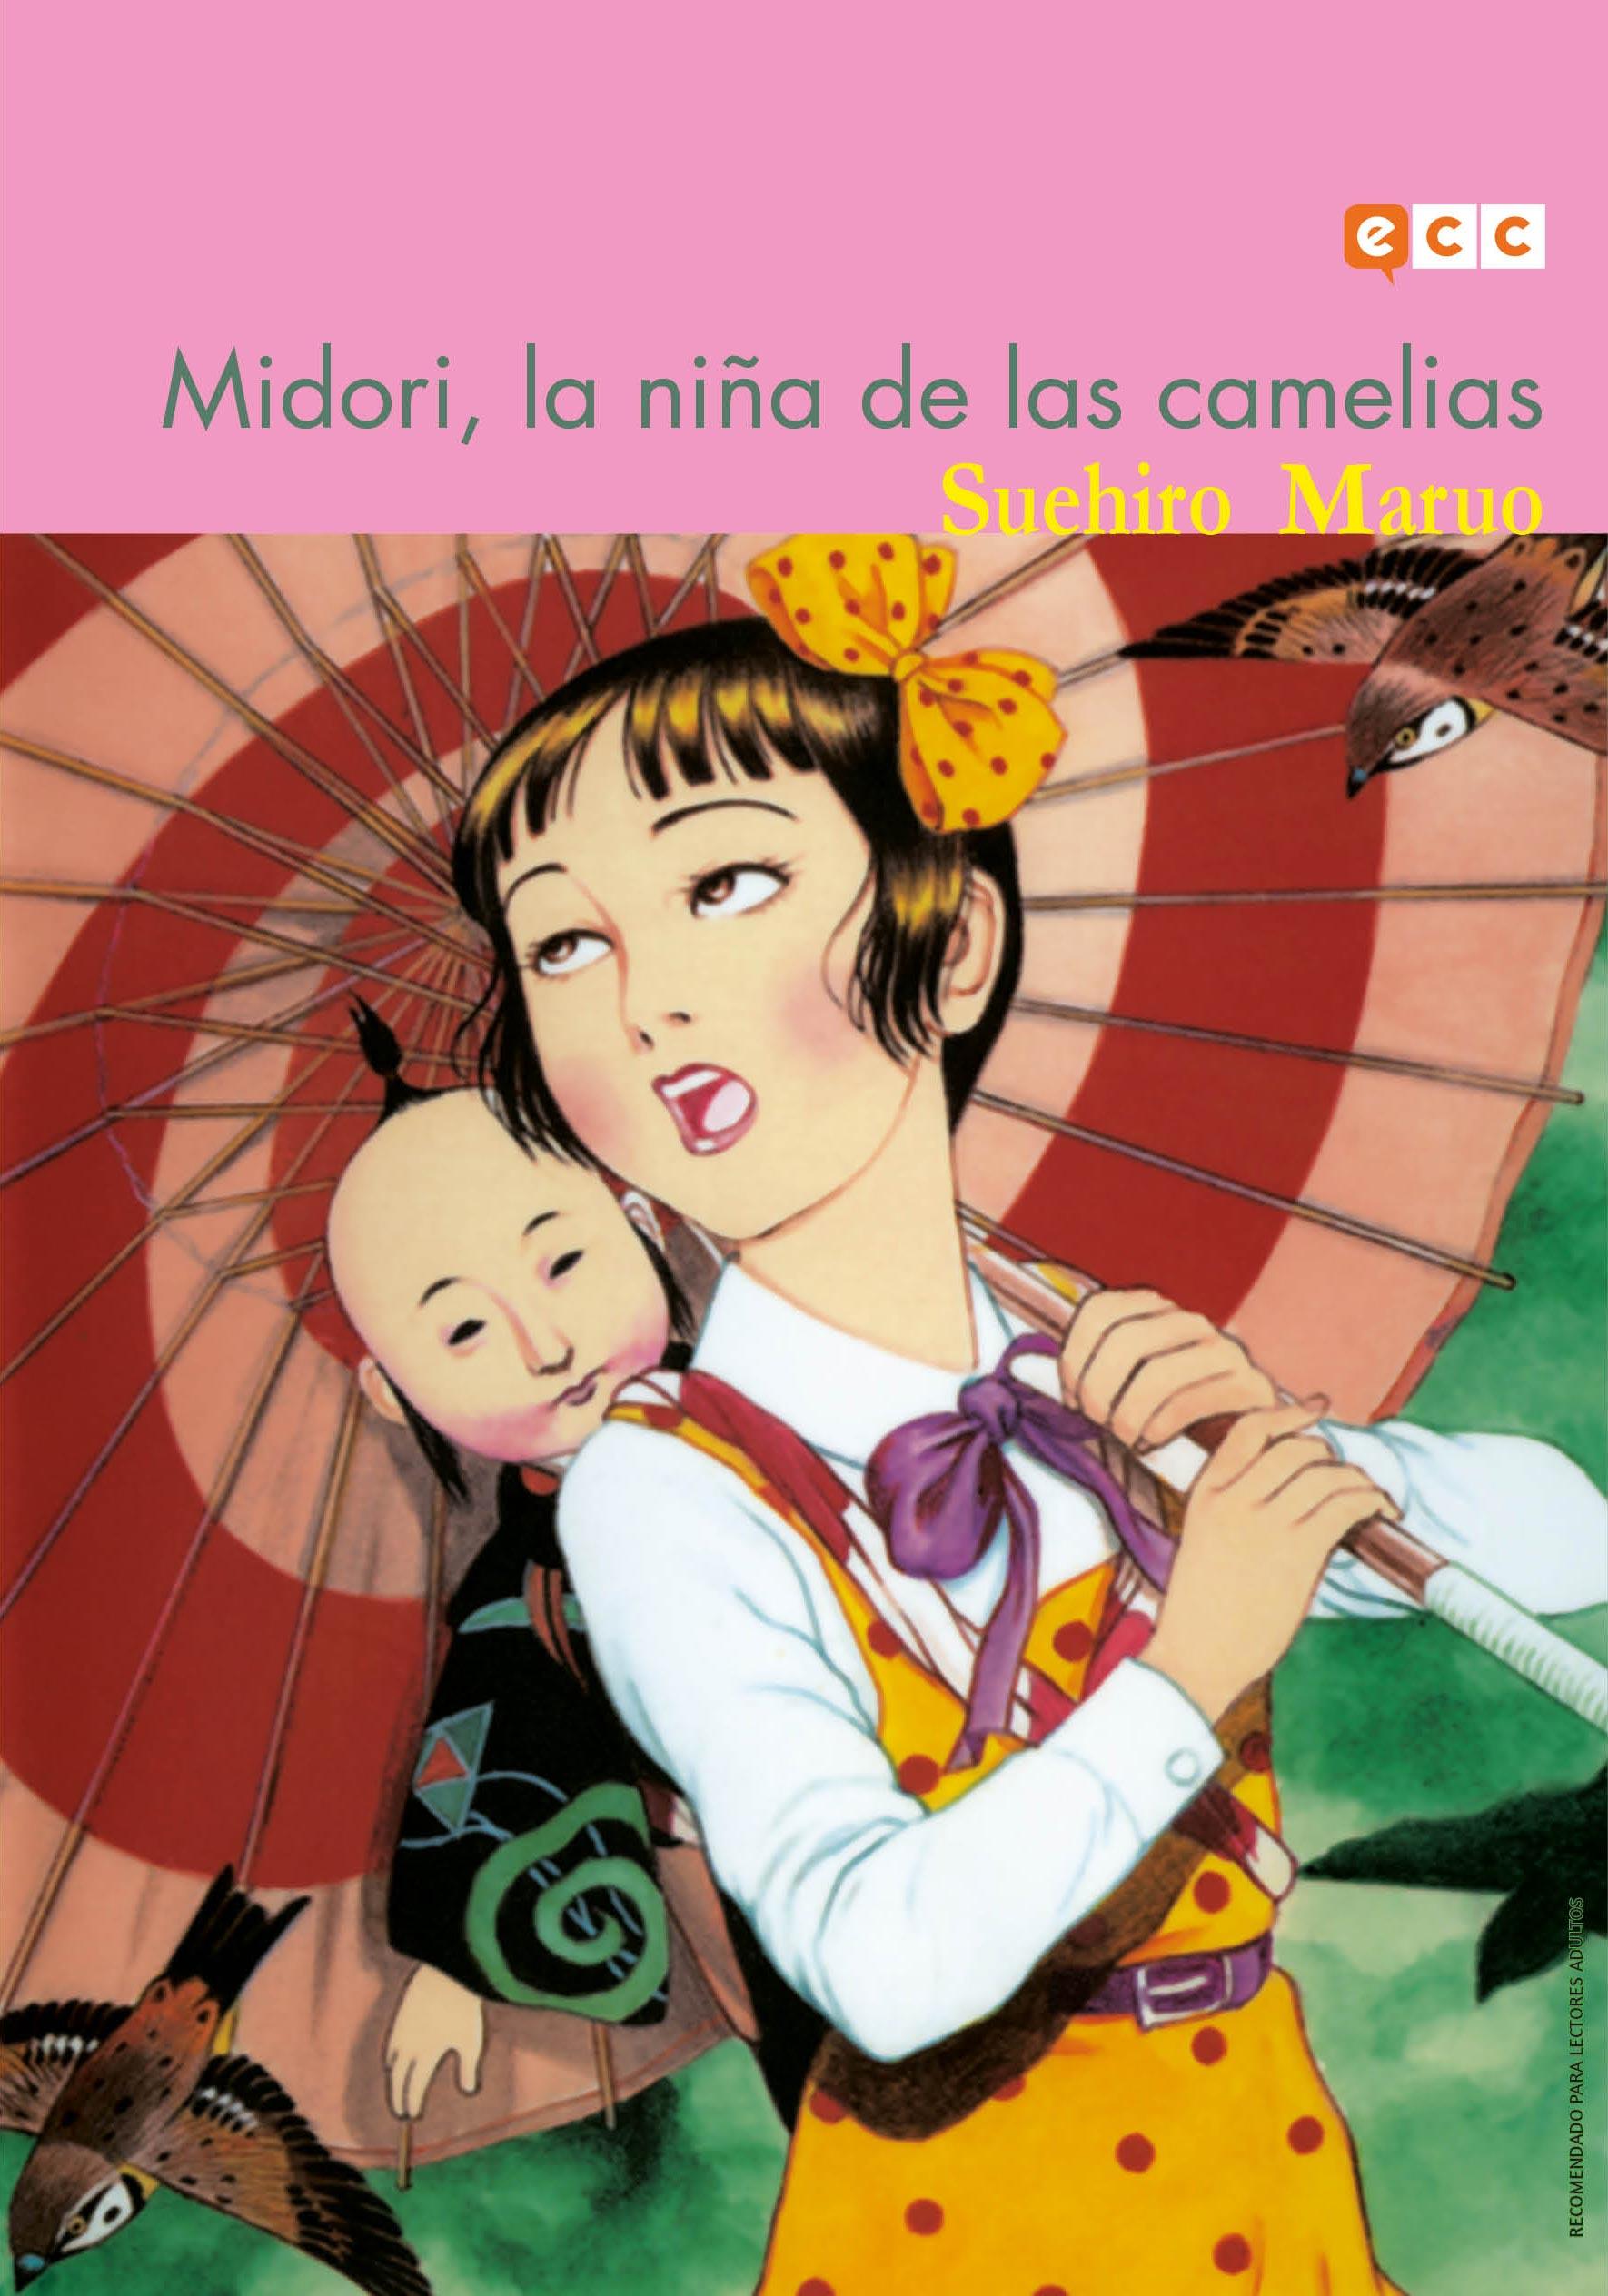 UN POCO DE NOVENO ARTE - Página 24 Sobrecubierta_midori_dama_camelias_WEB